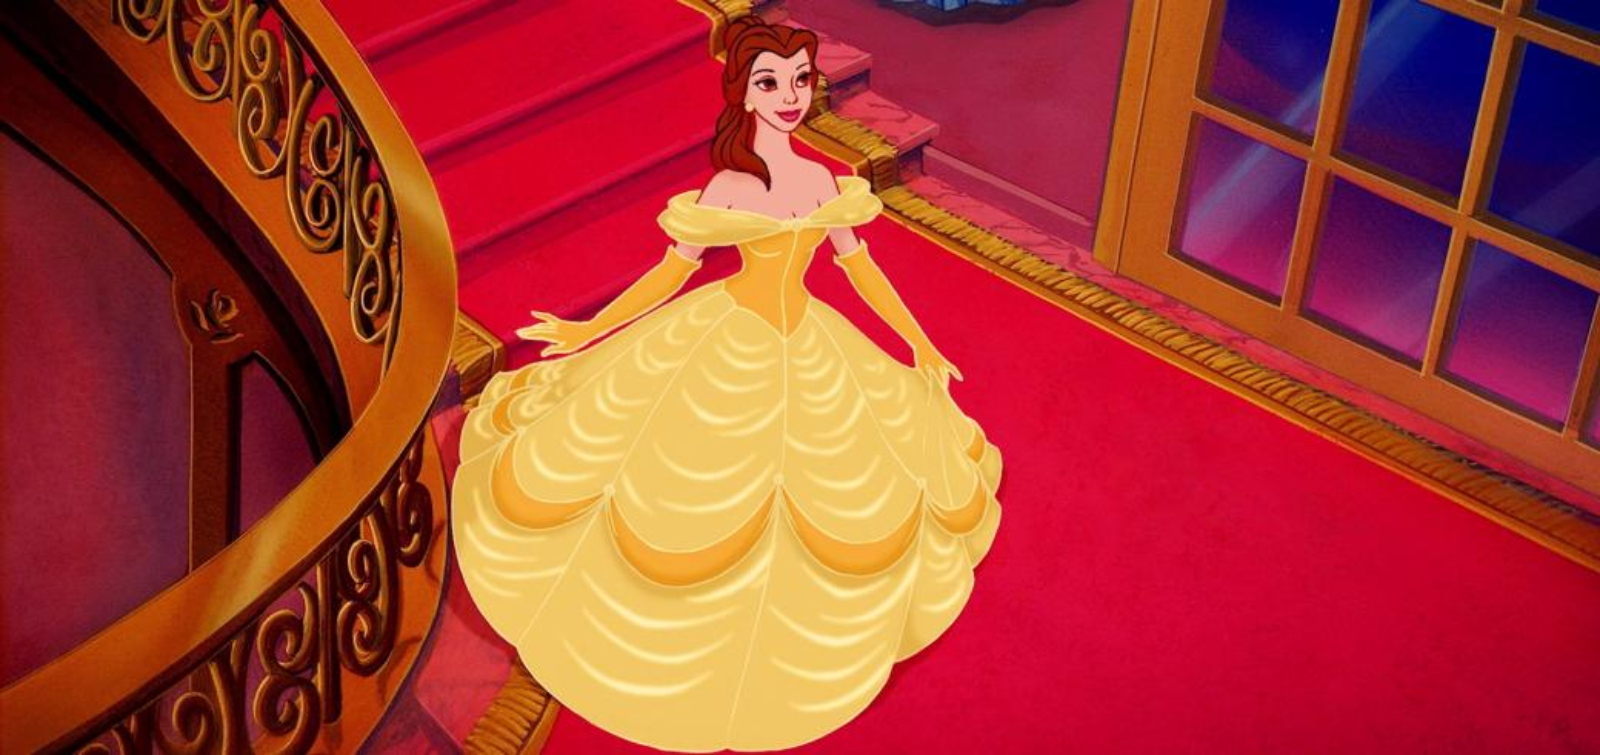 ομορφιά και το τέρας - όμορφη, που κατεβαίνει τις σκάλες ντυμένη με κίτρινο χρώμα (3×3)